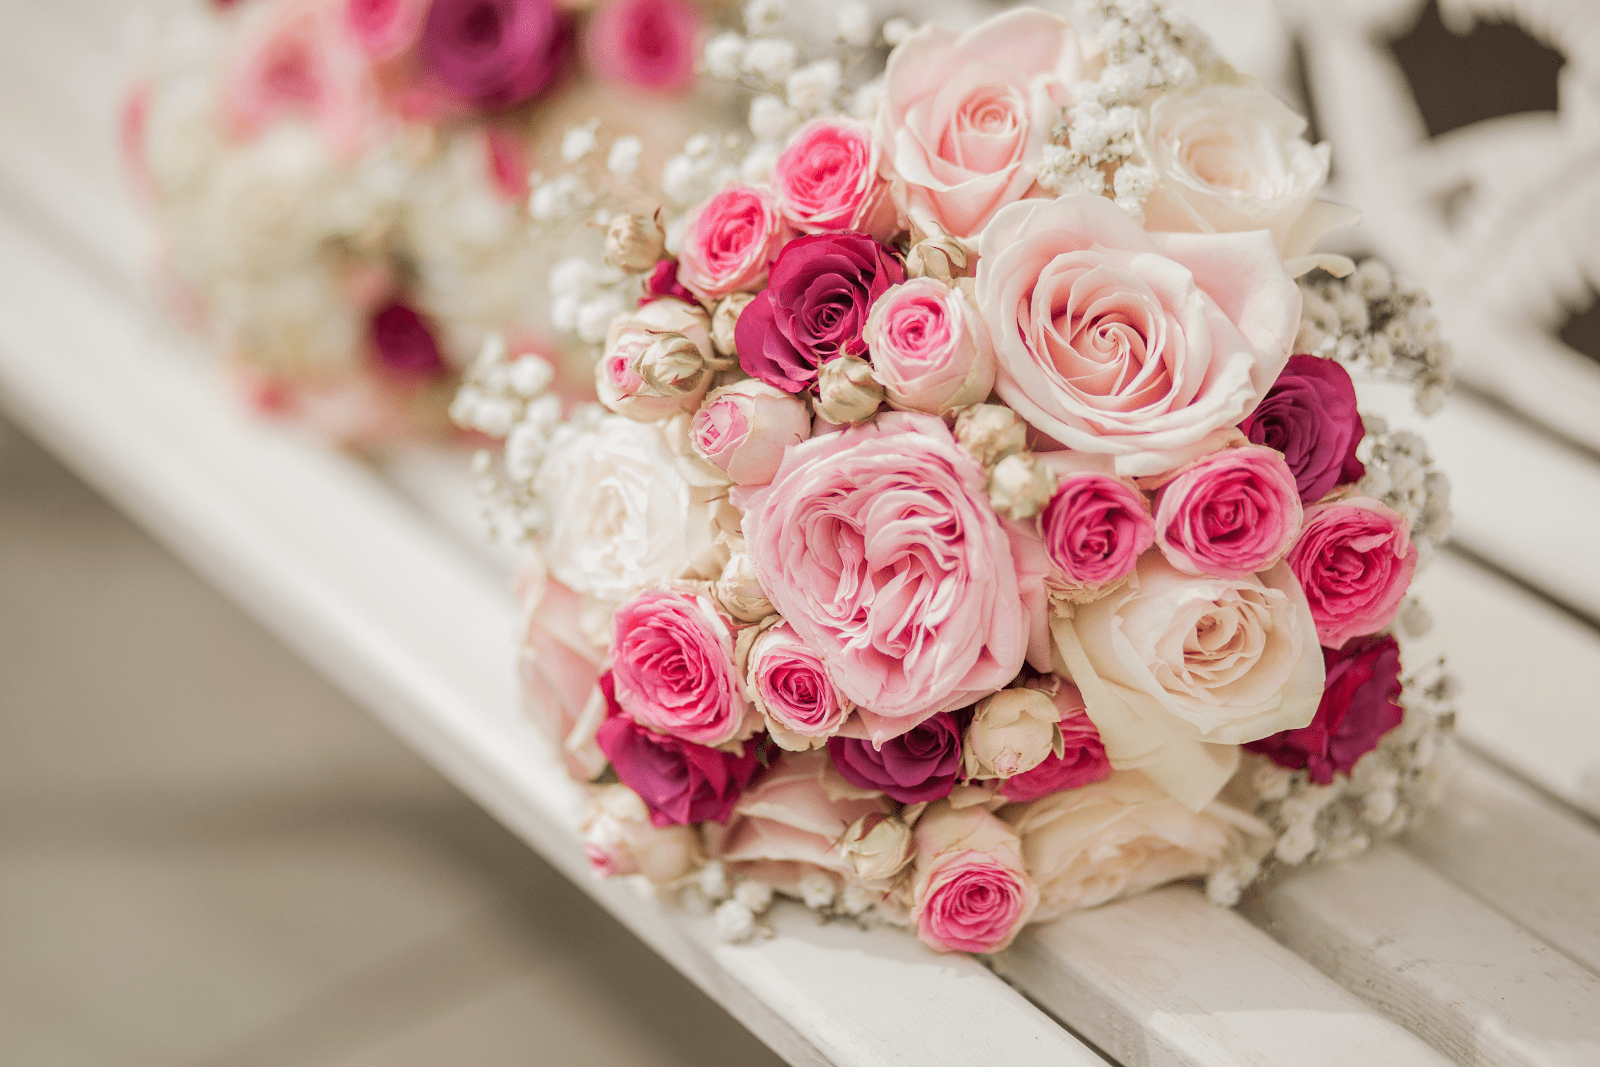 Tặng hoa hồng là món quà Valentine tỏ tình ý nghĩa